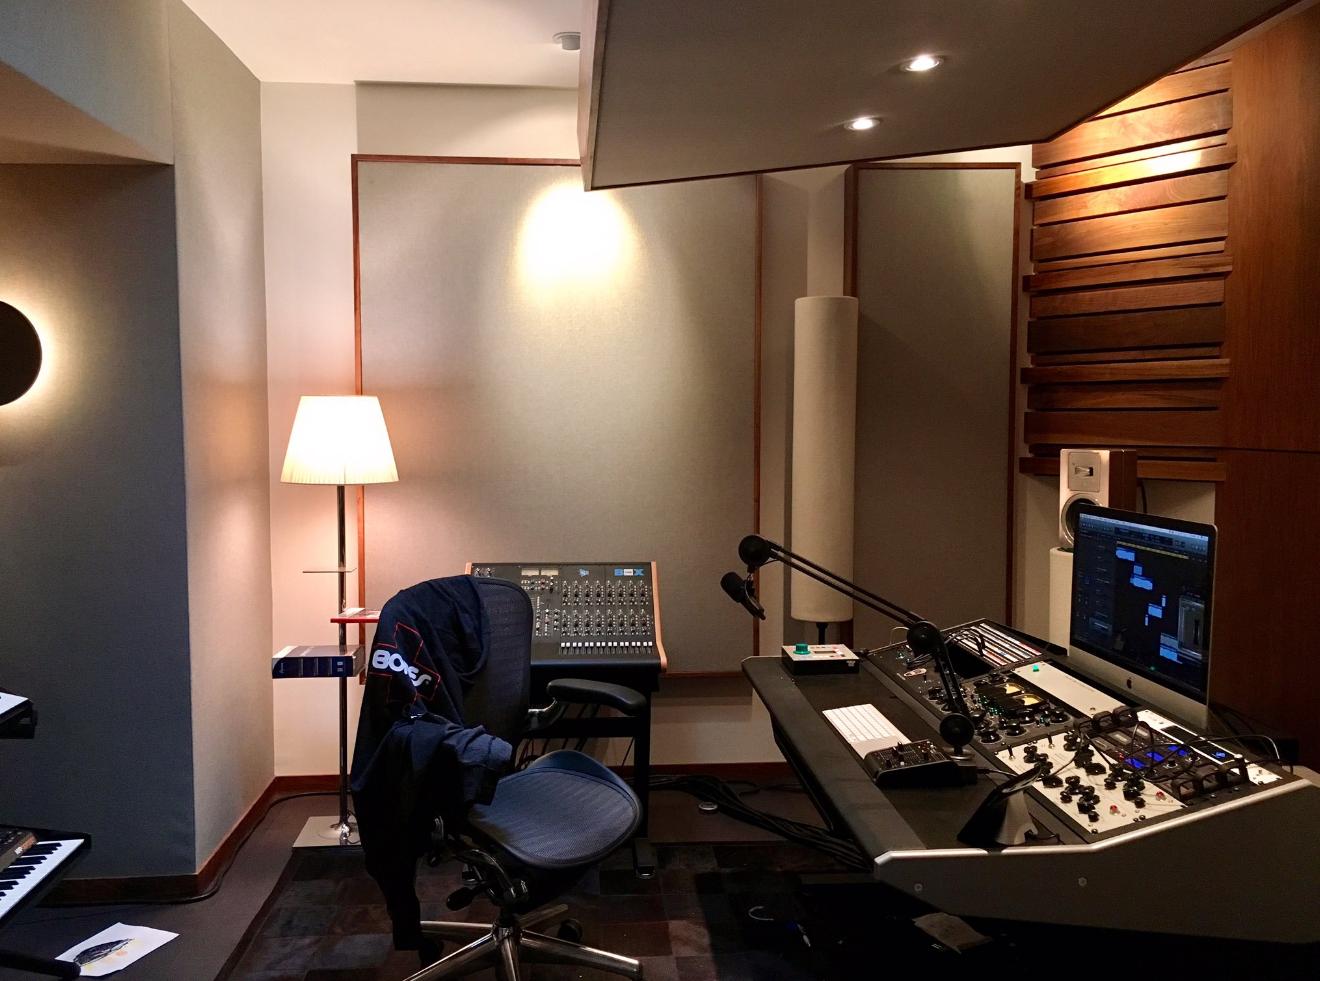 prydz-studio.png